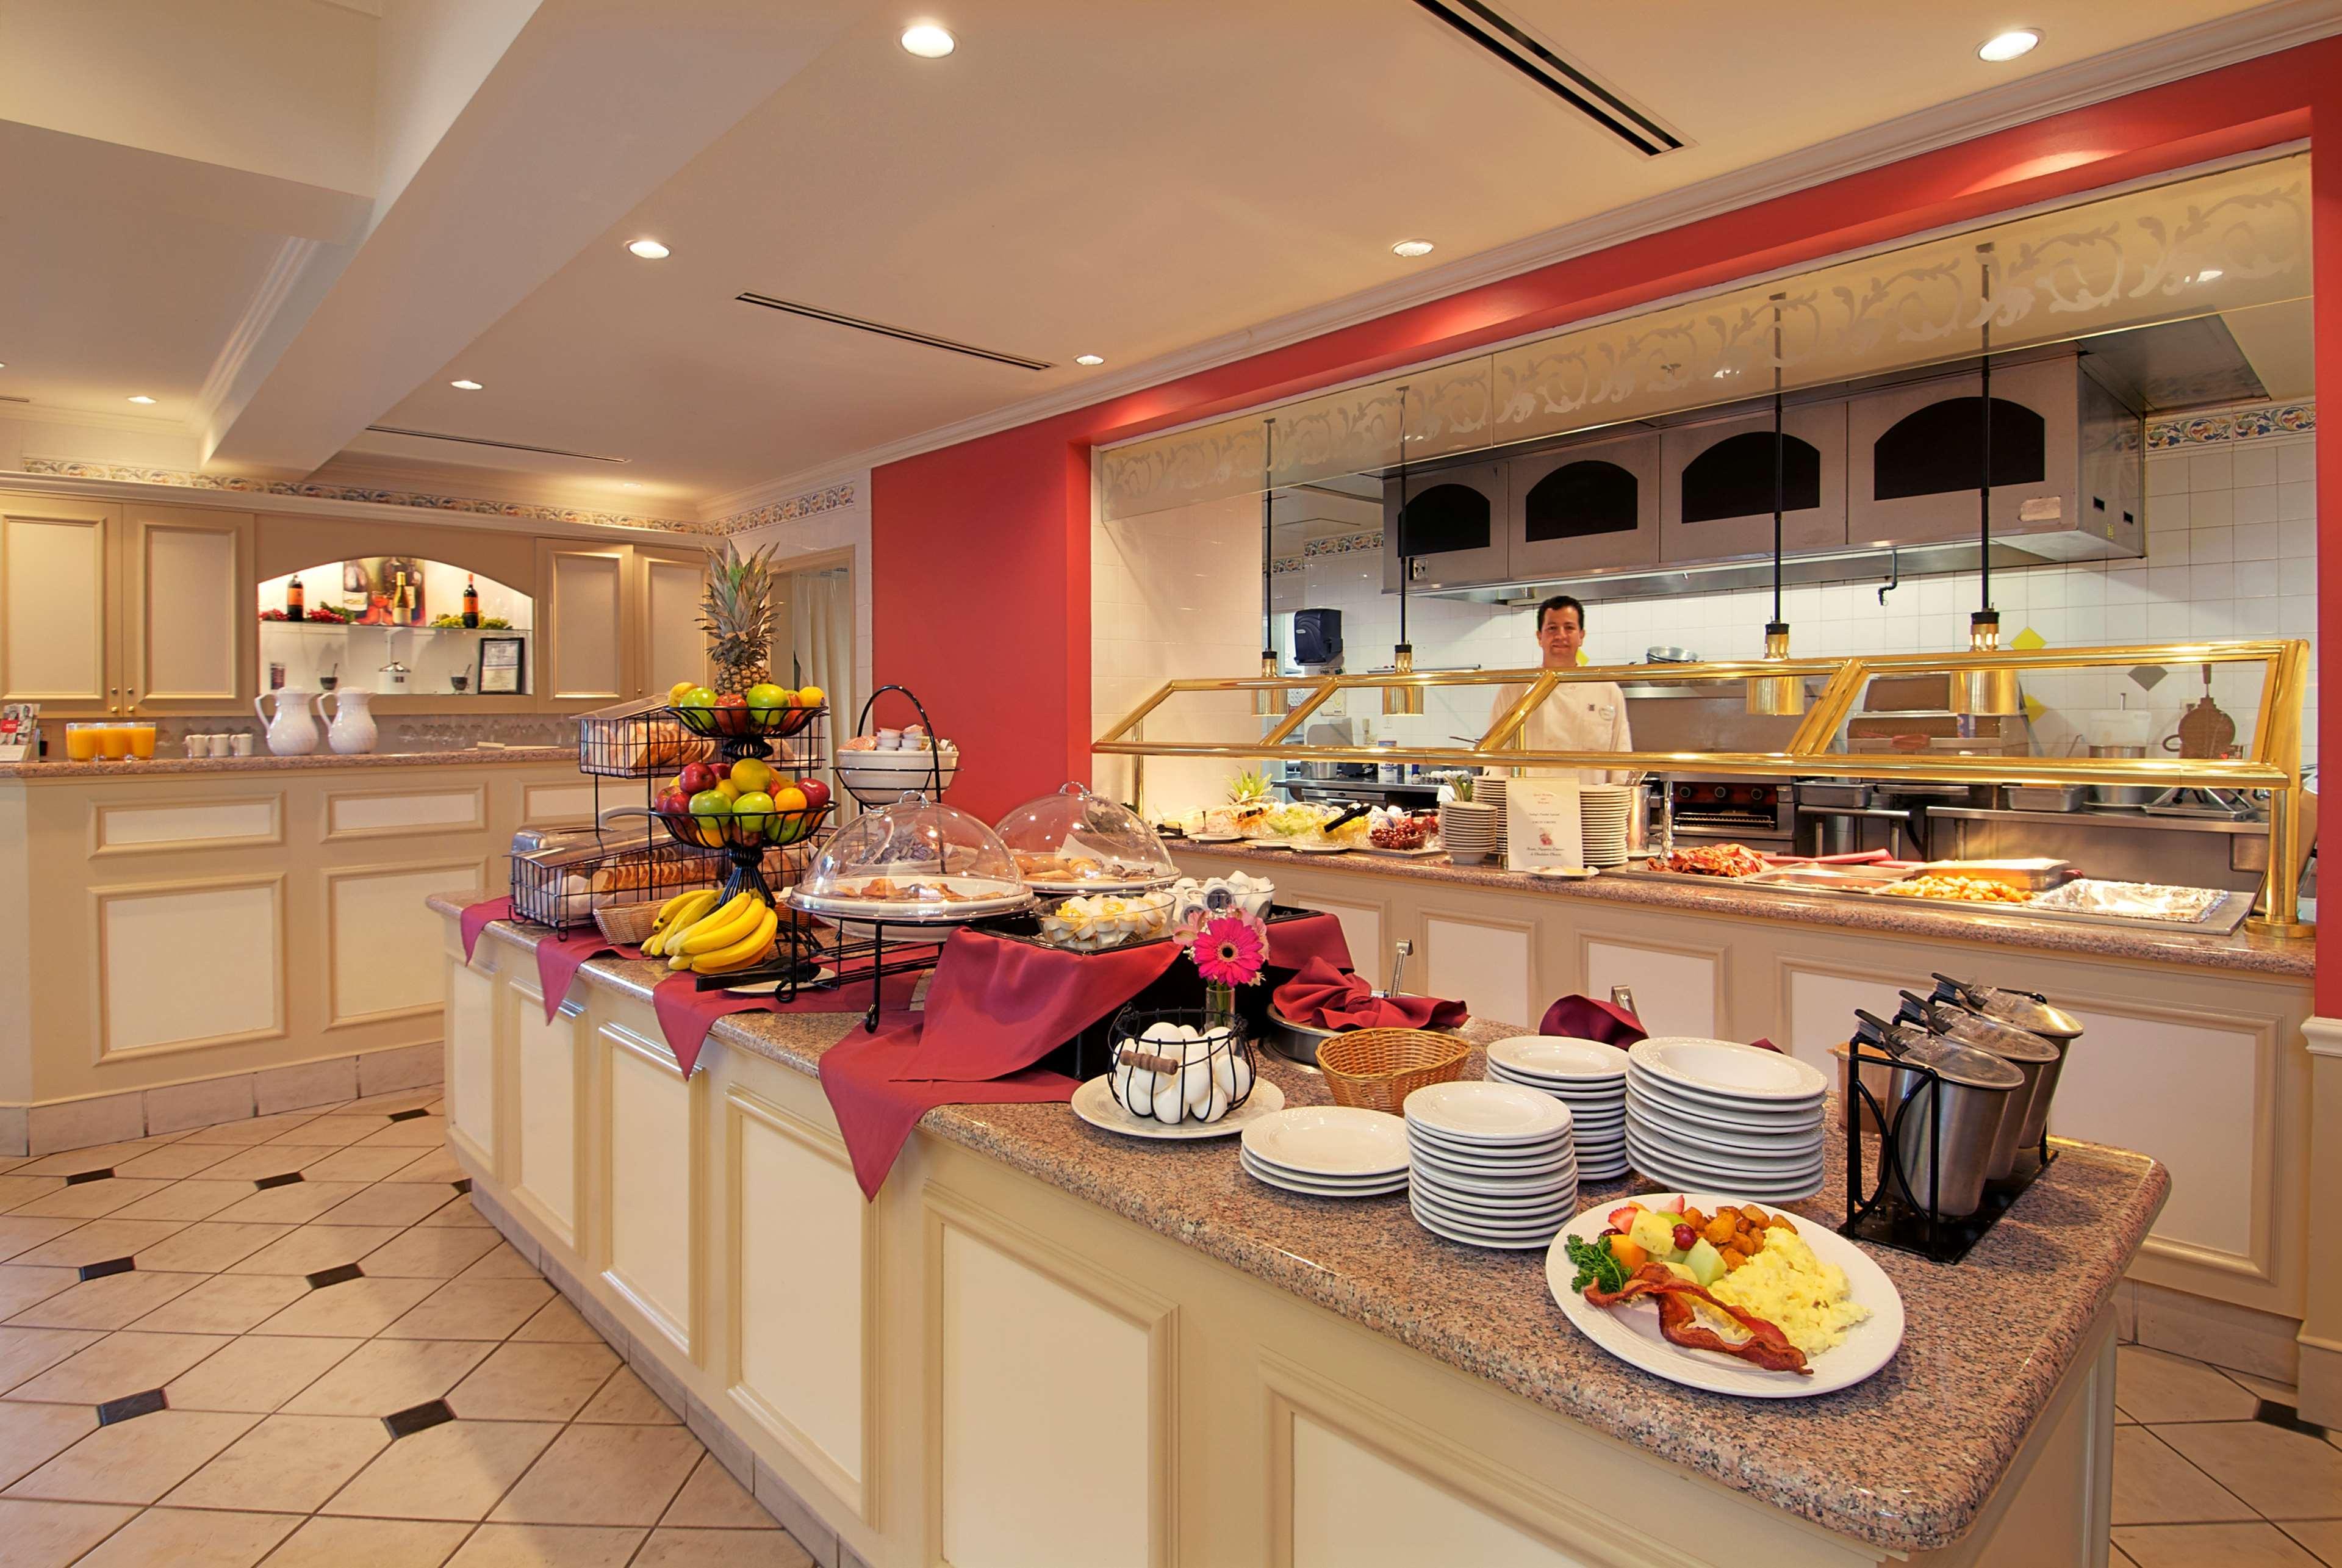 Hilton Garden Inn Danbury image 12